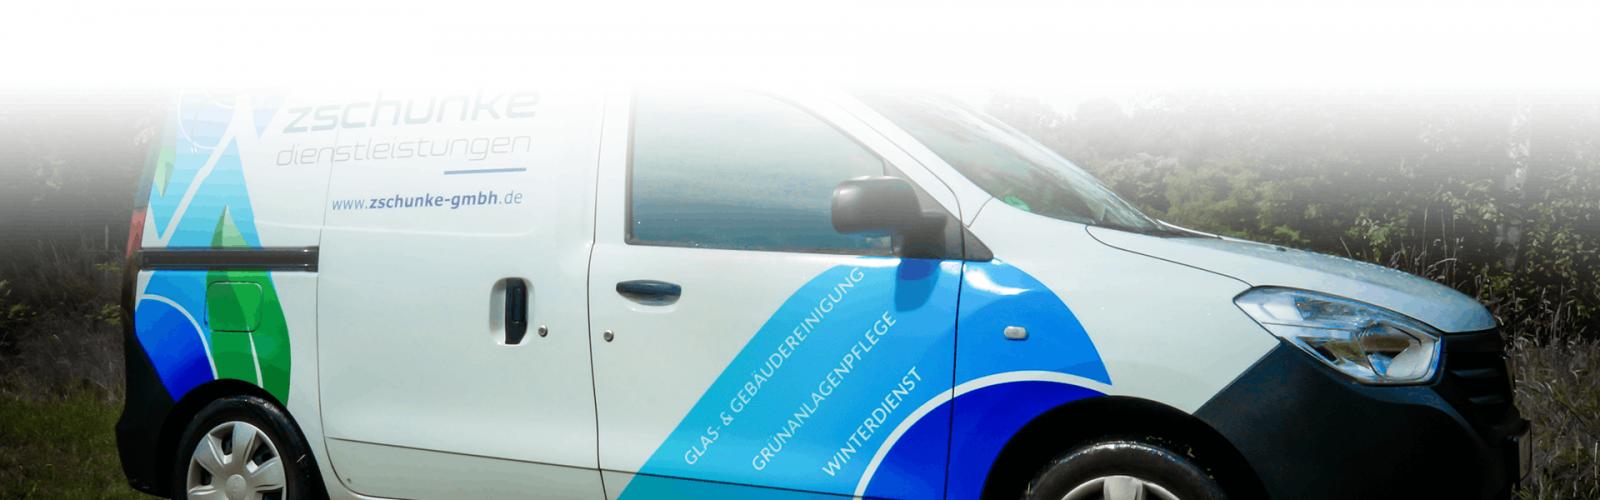 Ein Fahrzeug der Firma Zschunke GmbH